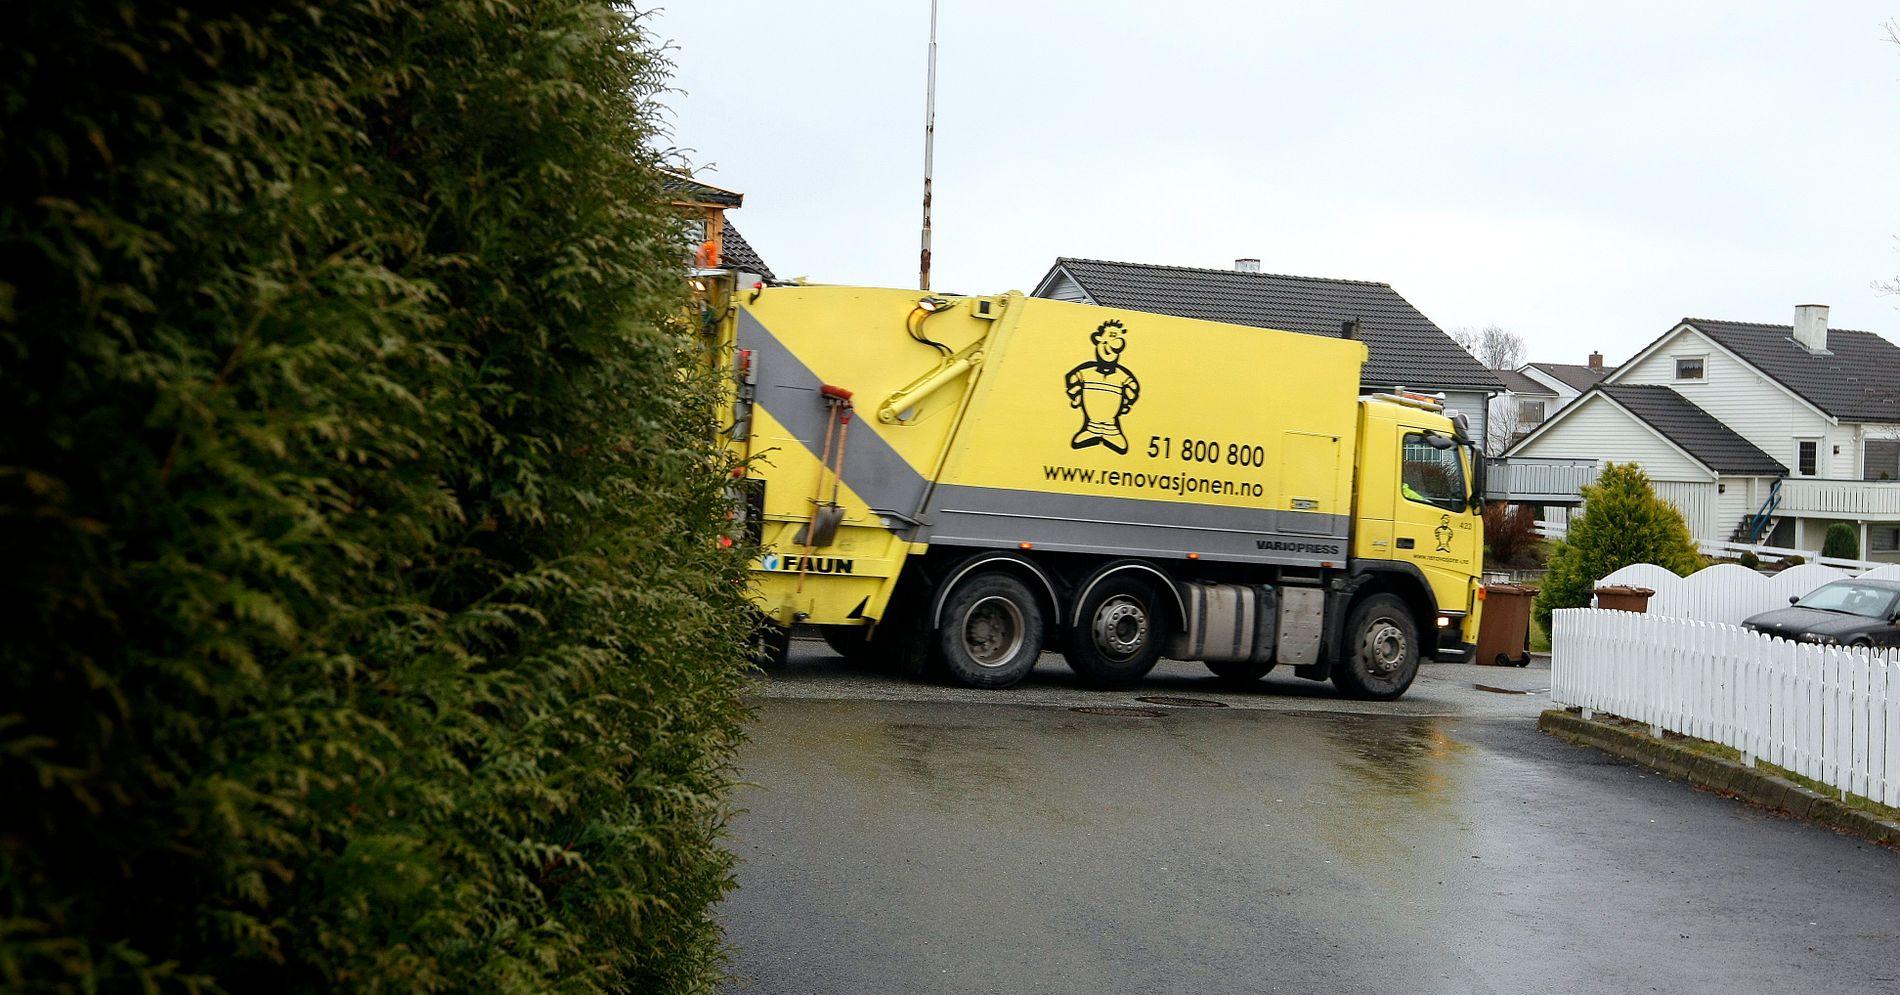 Medarbeidere i Renovasjonen IKS smittet: – Kan gå utover «hent avfall»-tjenesten